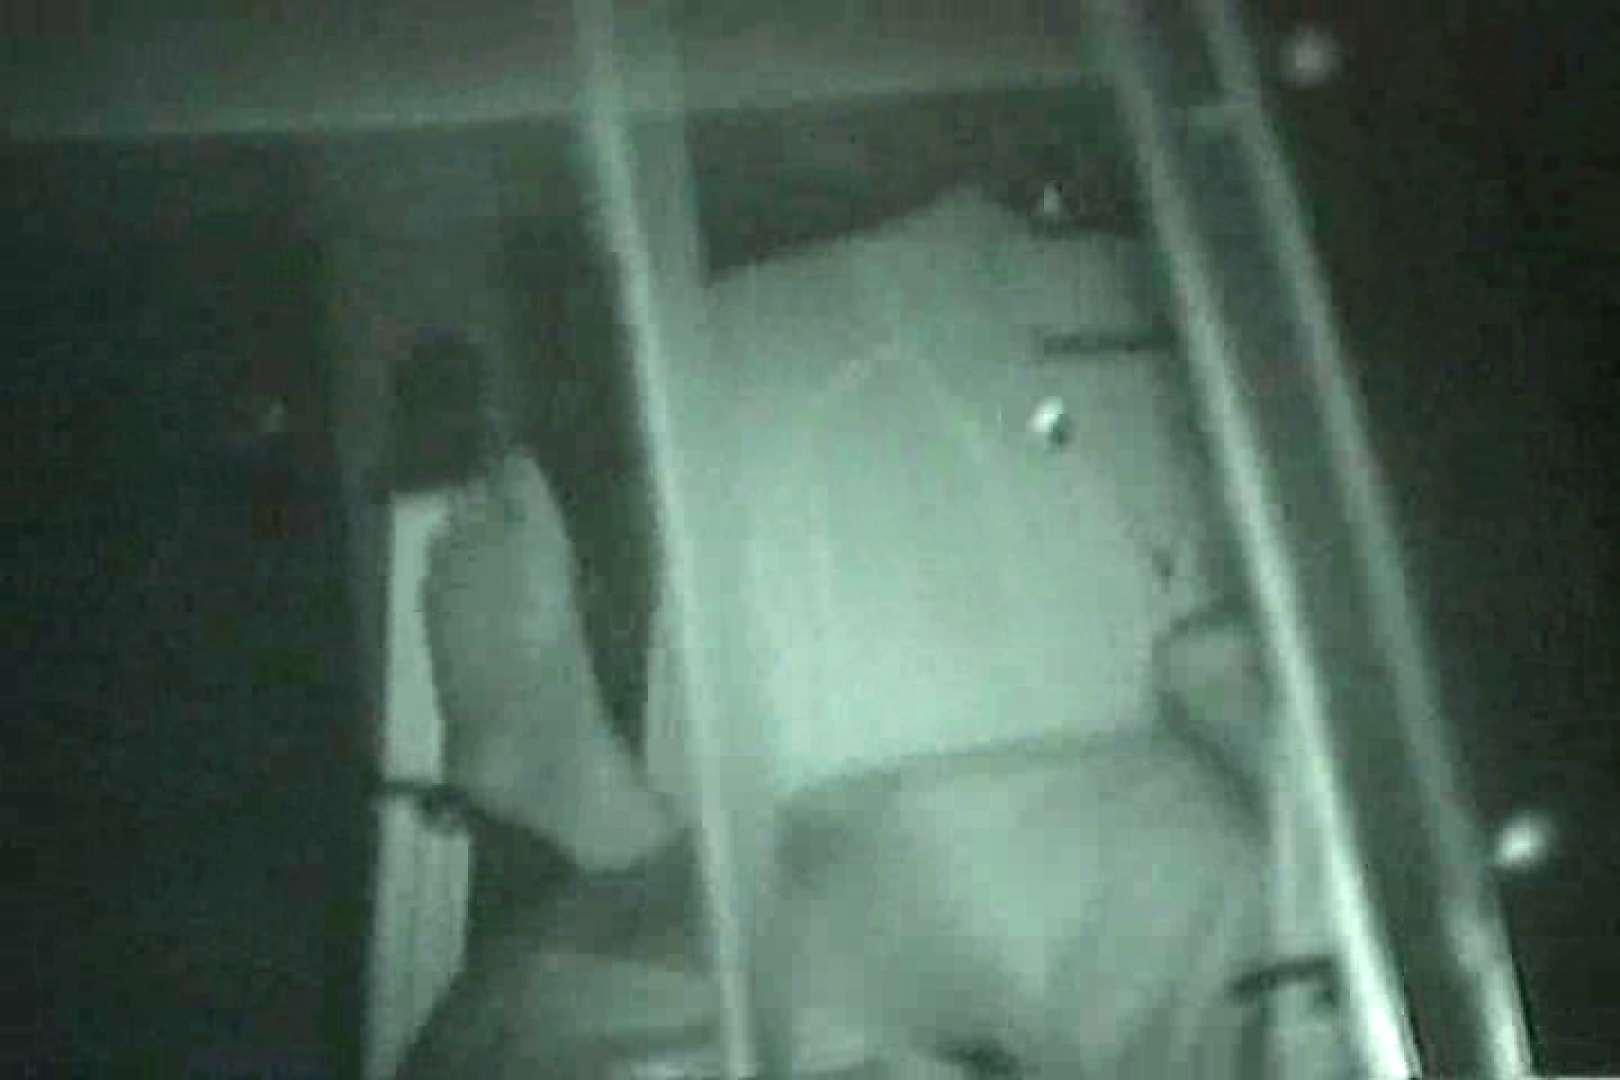 車の中はラブホテル 無修正版  Vol.24 卑猥 のぞき動画画像 48画像 29